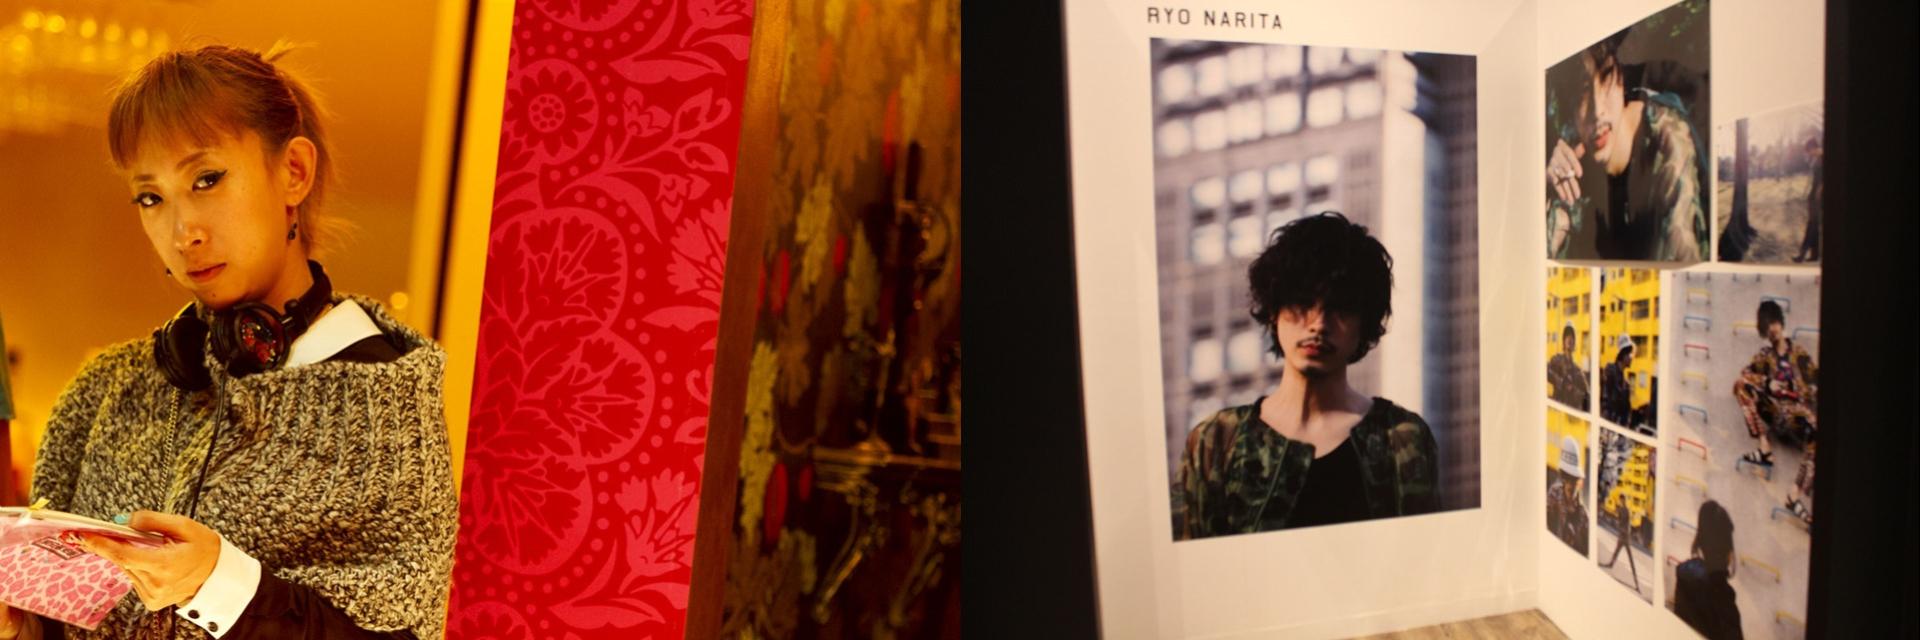 「我拍照時也會緊張」!獨家專訪蜷川實花創作心路歷程 曝新電影將脫離女性向?